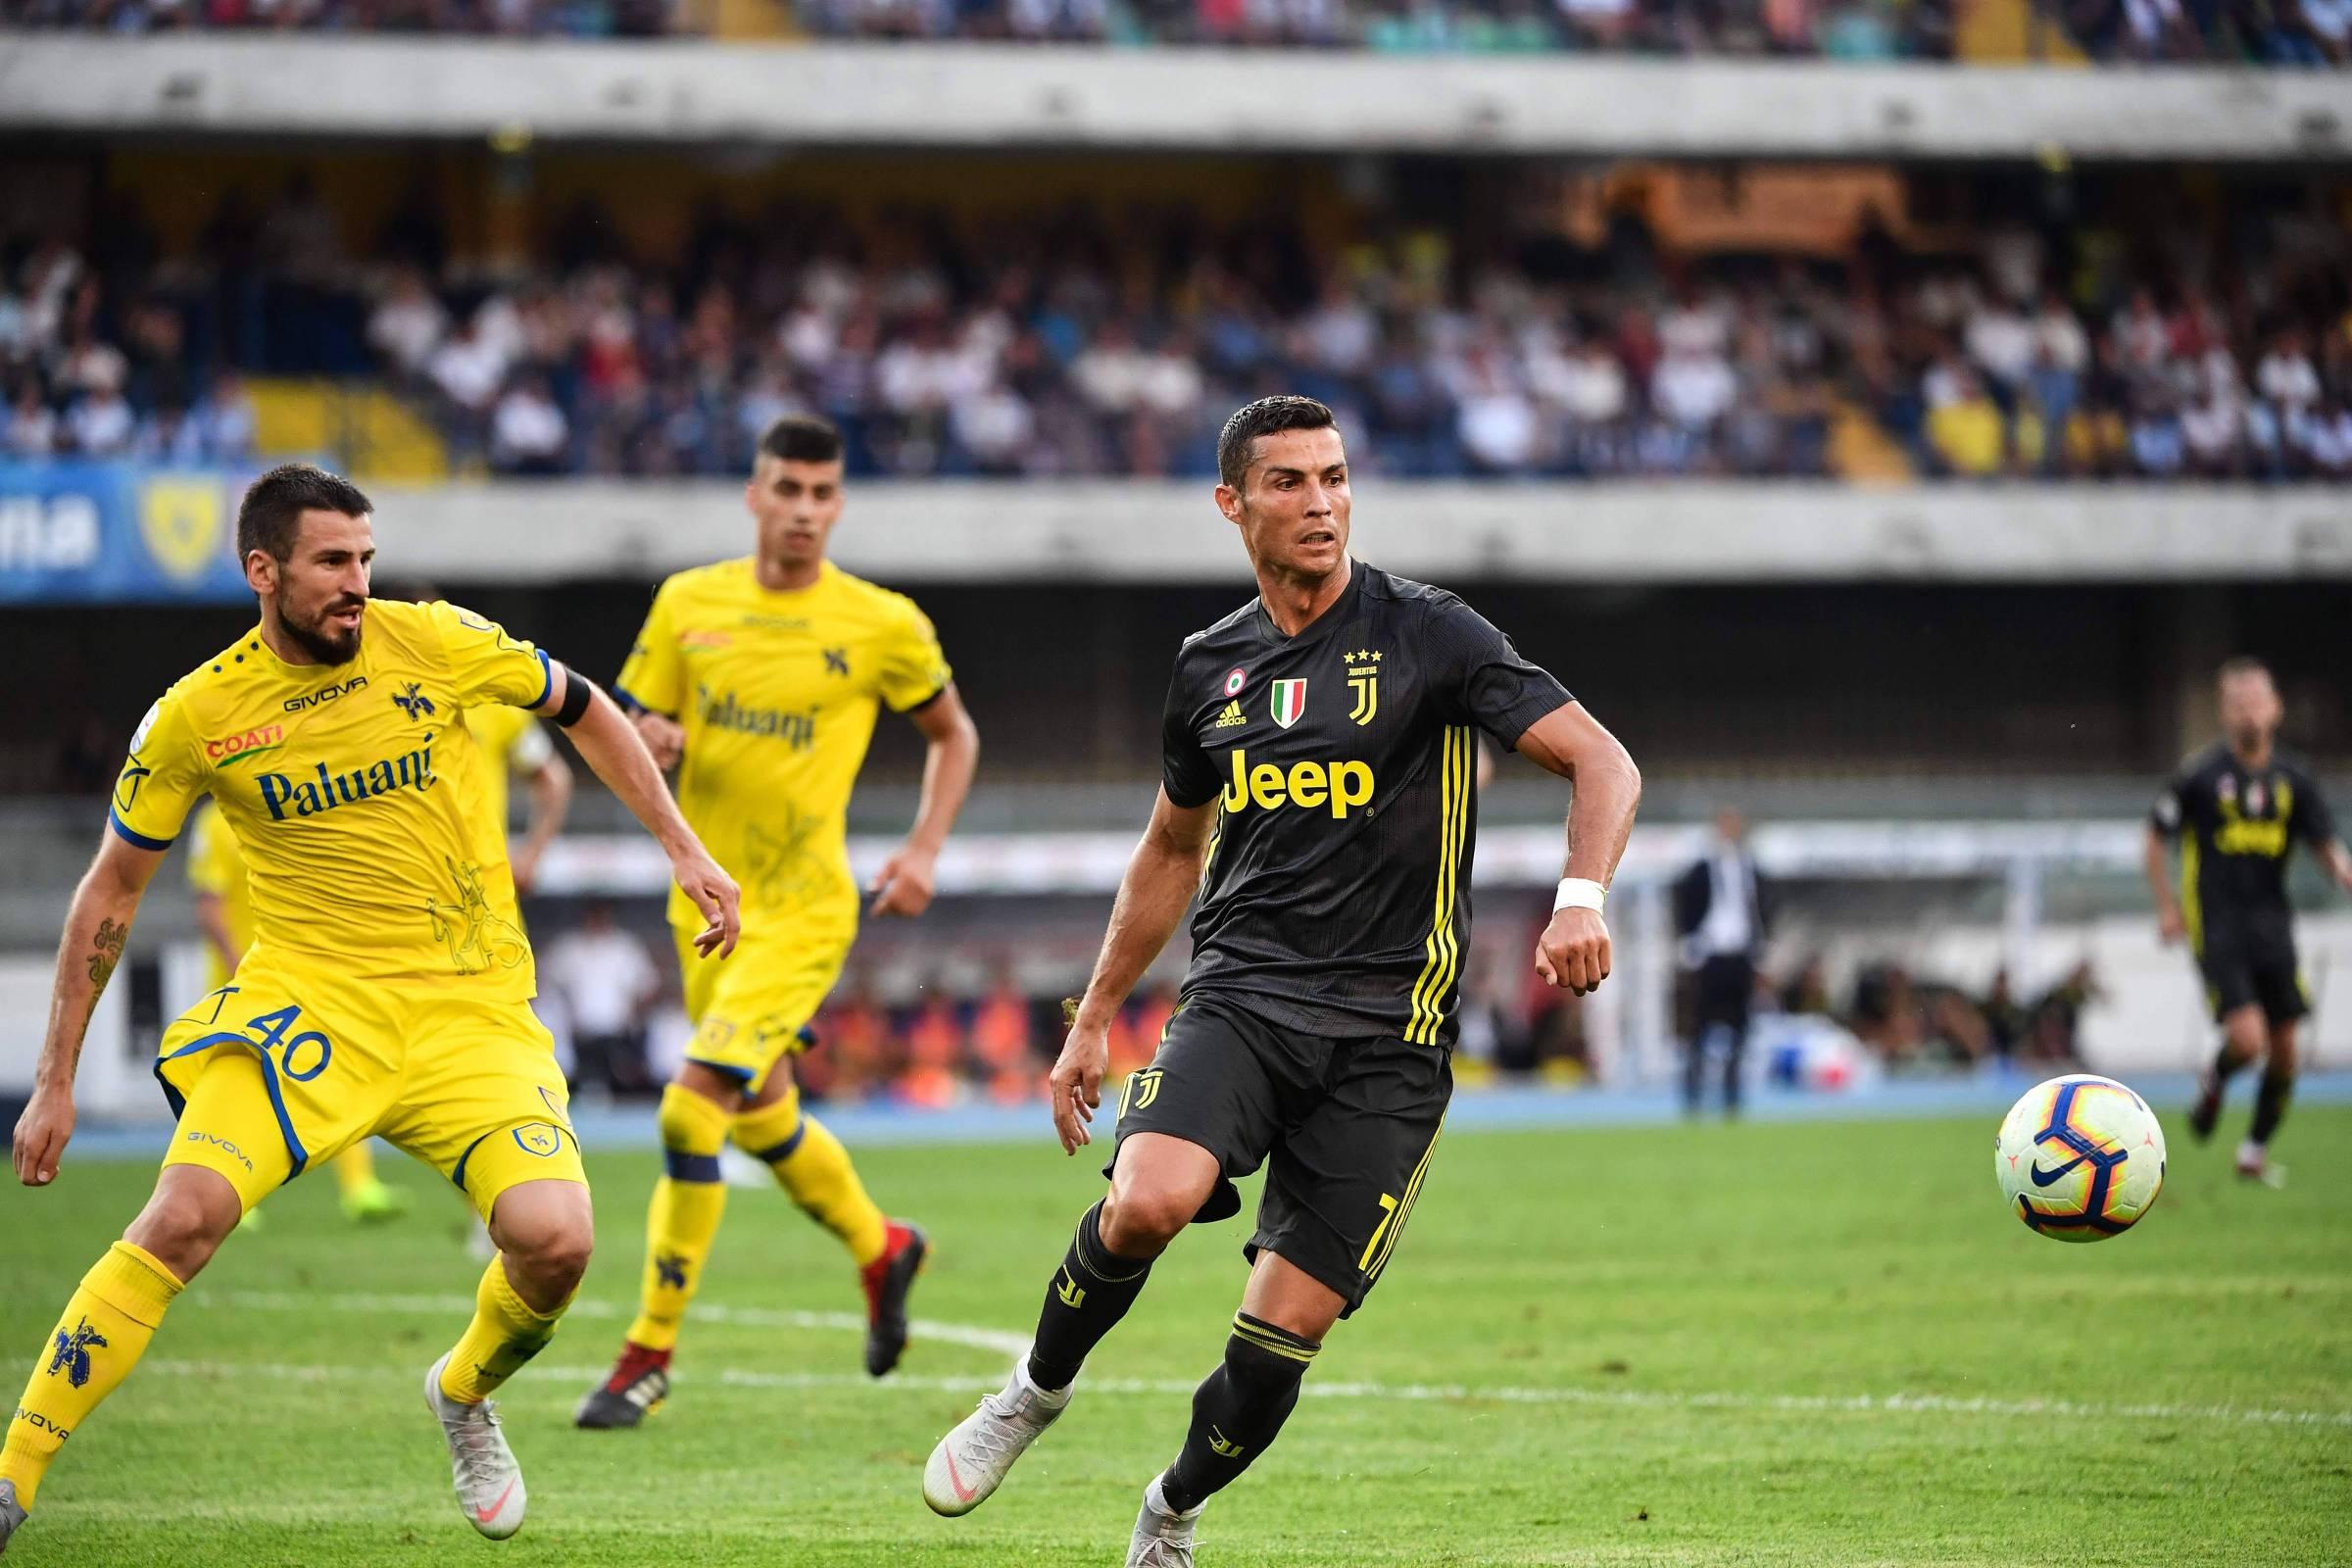 Cristiano Ronaldo passa em branco em estreia da Juventus no Italiano -  18 08 2018 - Esporte - Folha cf9c6776a815c